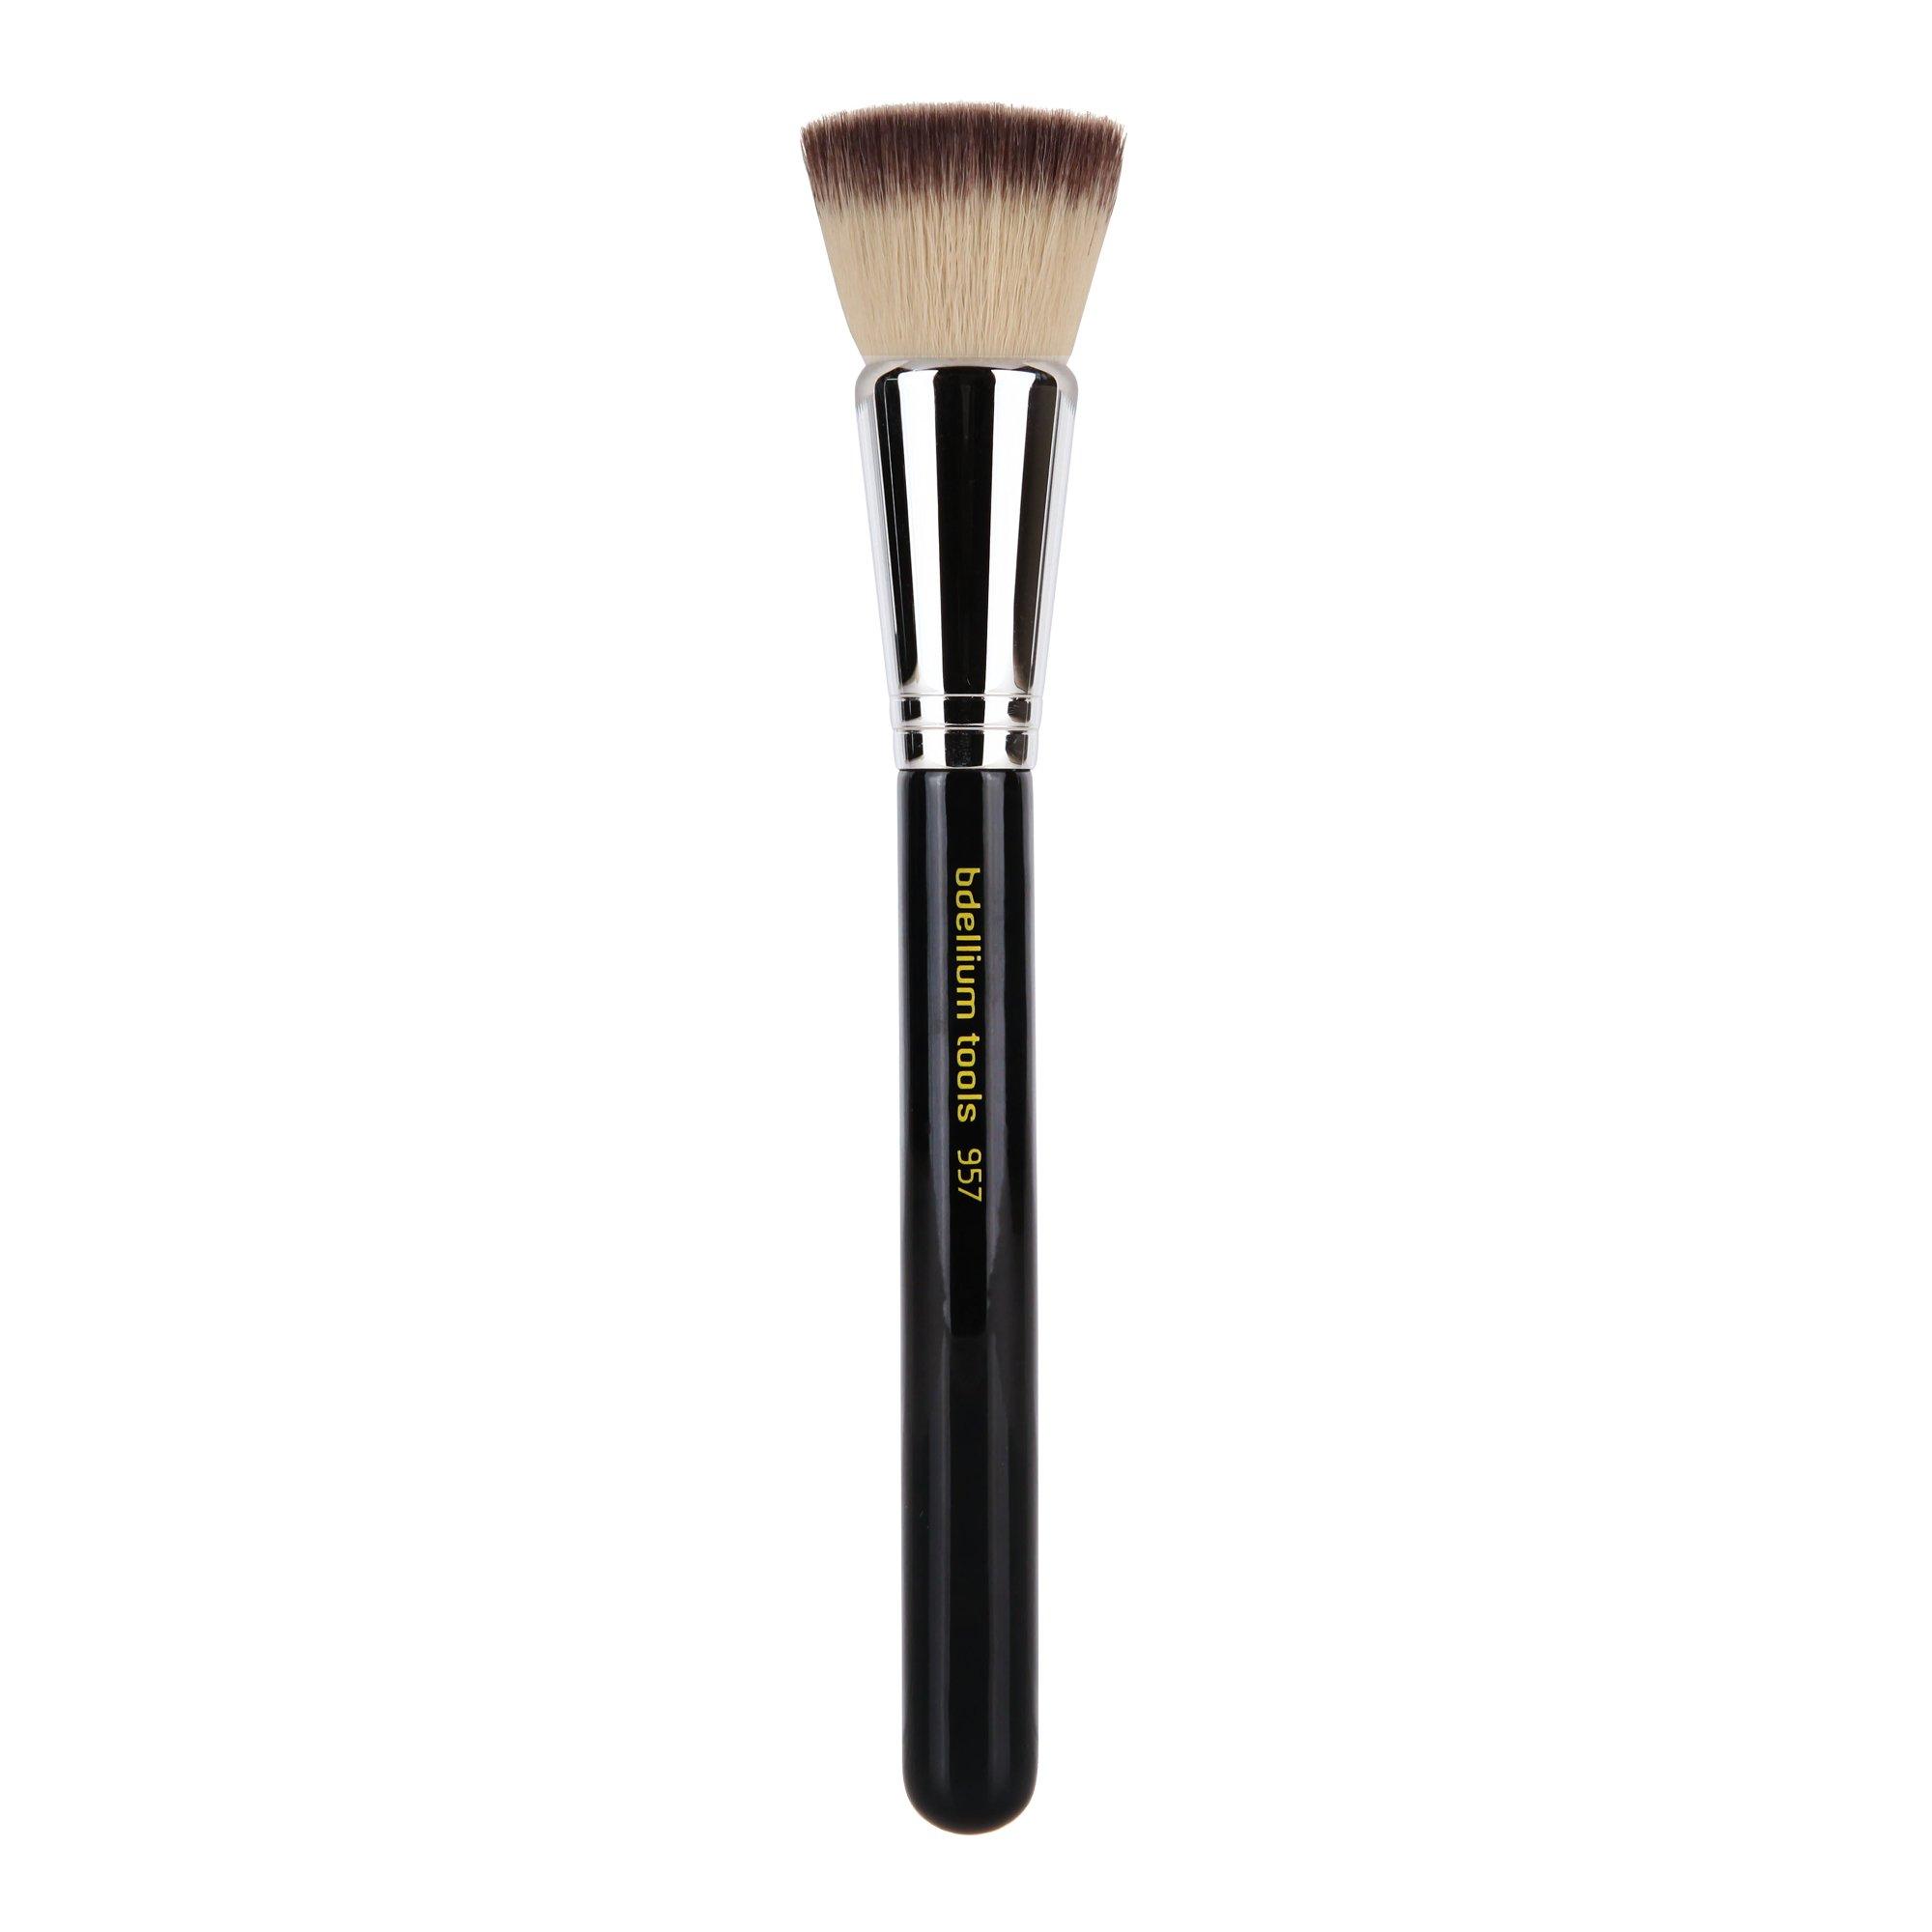 Bdellium Tools Maestro Series Precision Kabuki Brush, Black